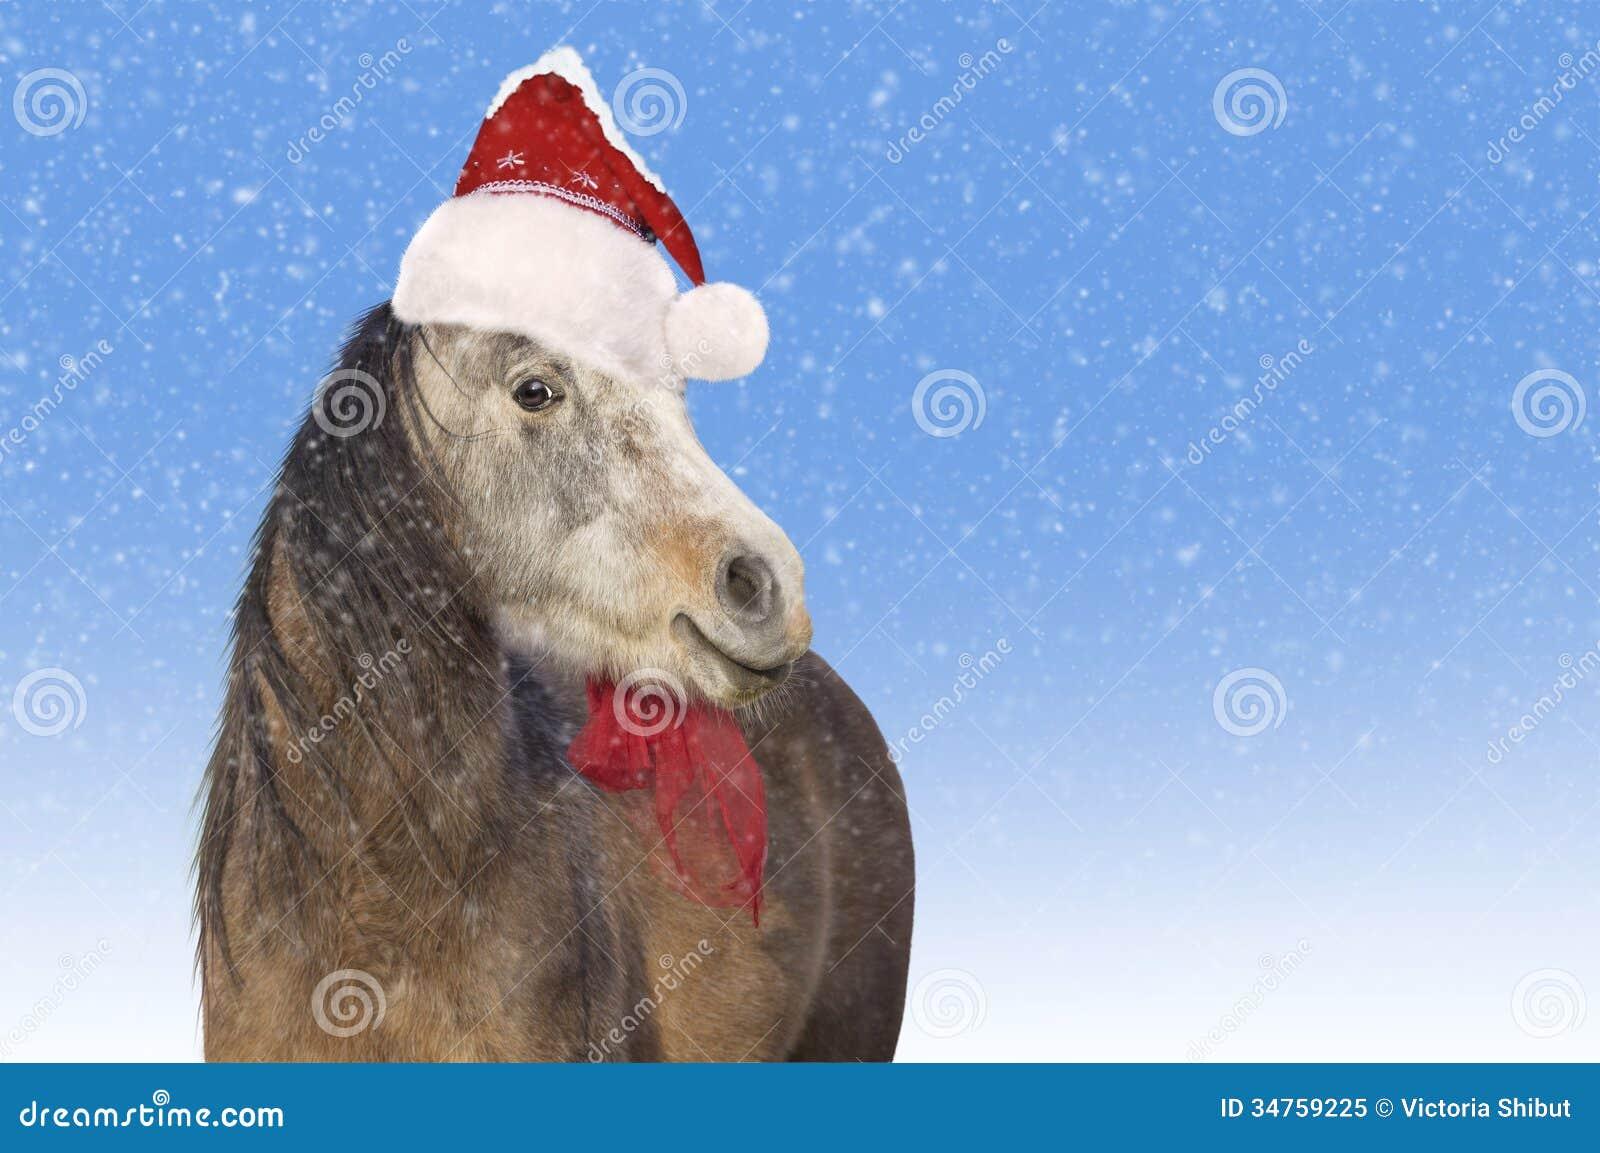 Pferd. Sankt- Nikolauskappe. Weihnachten Stockbild - Bild von blau ...